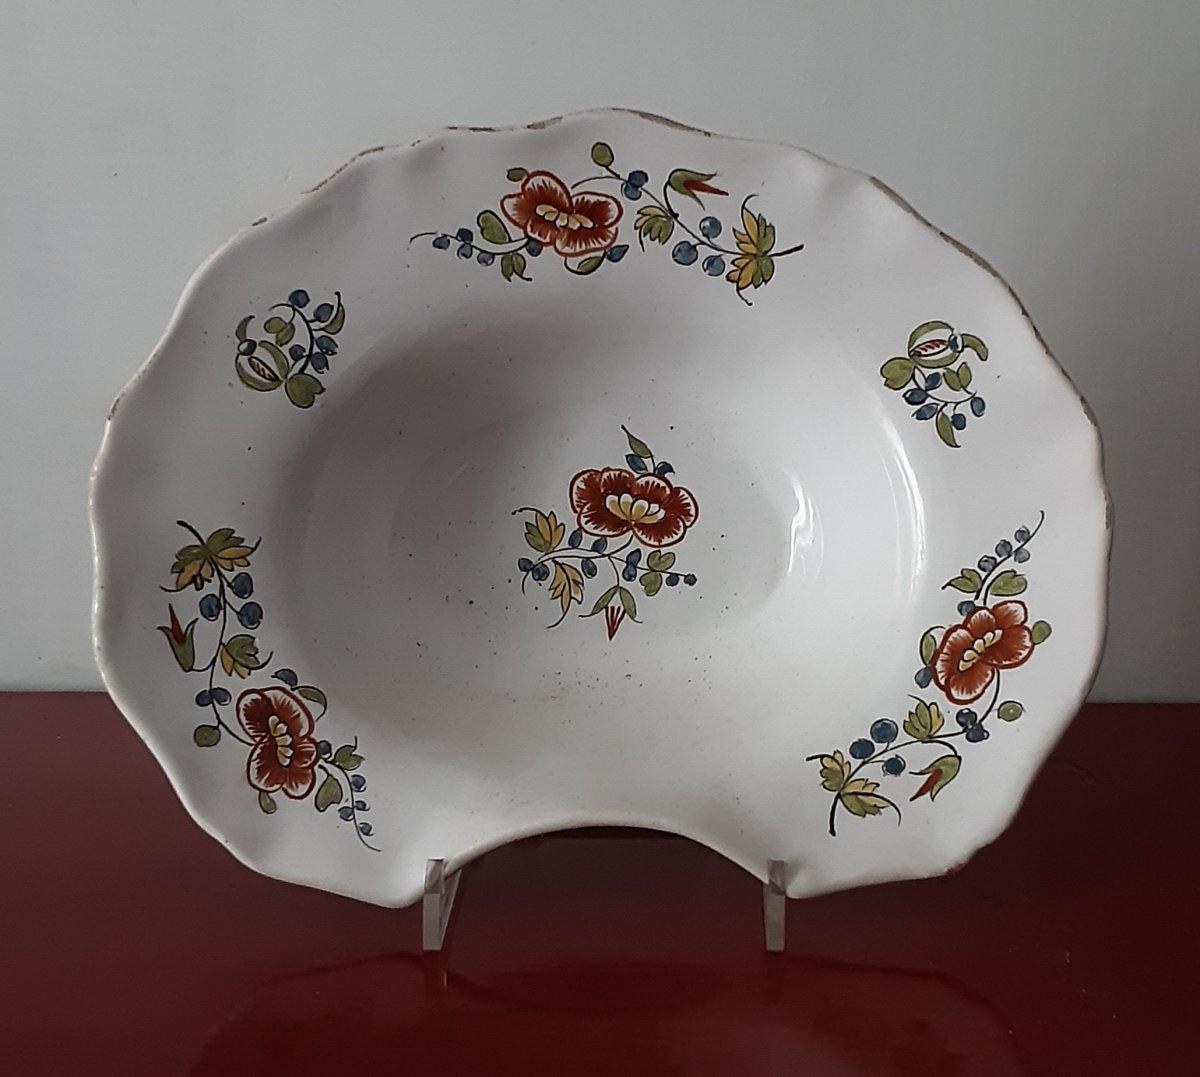 Assiette De Rasage En Majolique Du XVIIIe Siècle